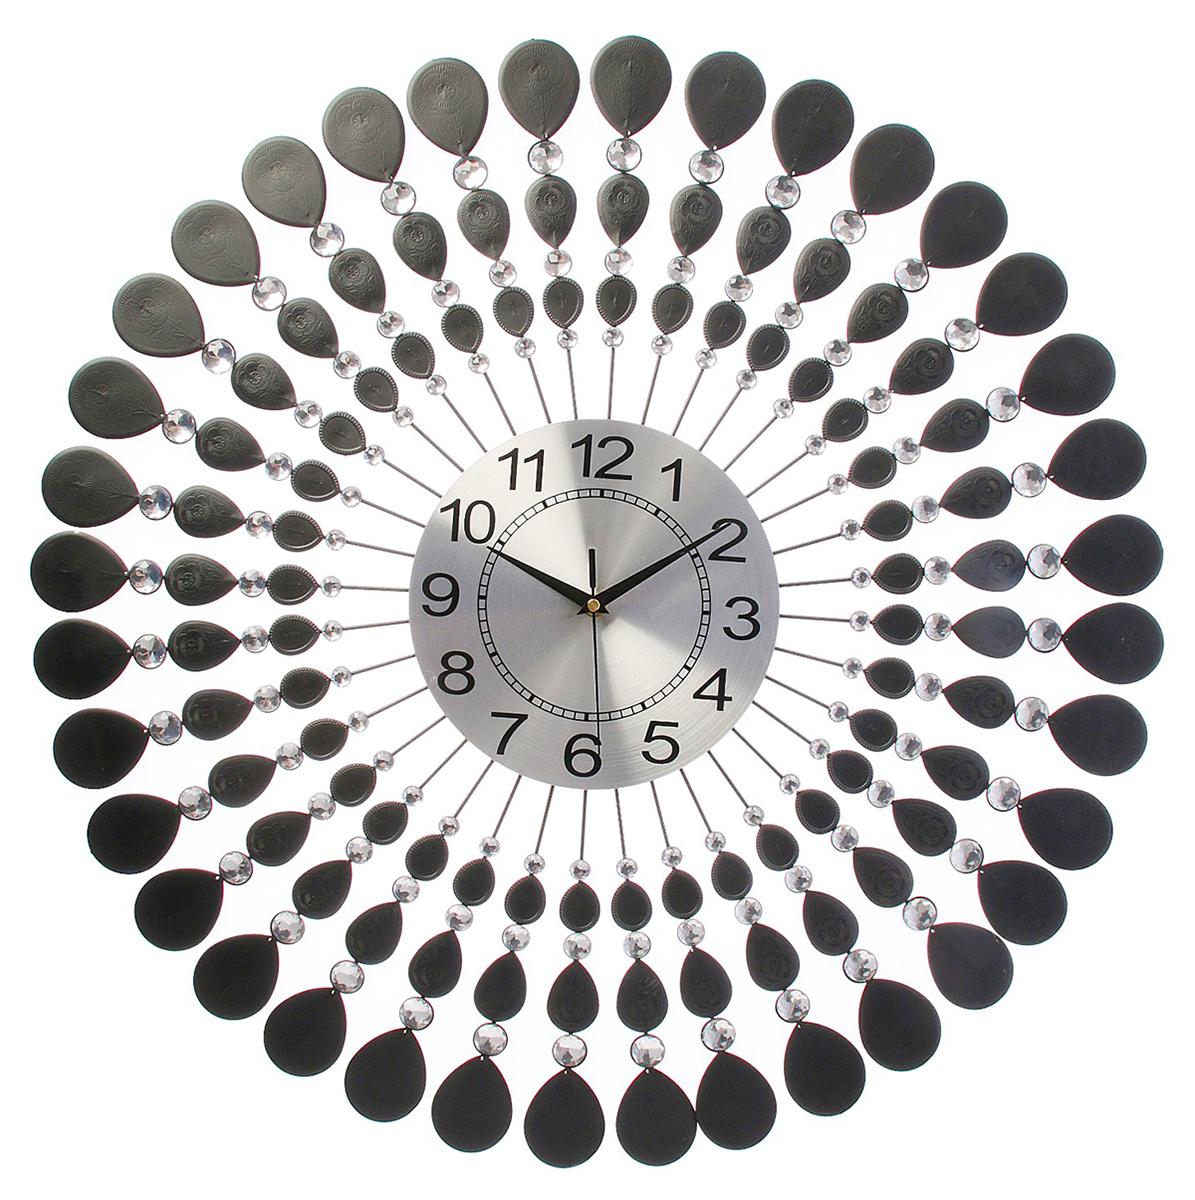 Часы настенные Ажур. Стиль, диаметр 70 см1107579Каждому хозяину периодически приходит мысль обновить свою квартиру, сделать ремонт, перестановку или кардинально поменять внешний вид каждой комнаты. Часы настенные интерьерные Серия Ажур. Стиль, d=70 см — привлекательная деталь, которая поможет воплотить вашу интерьерную идею, создать неповторимую атмосферу в вашем доме. Окружите себя приятными мелочами, пусть они радуют глаз и дарят гармонию.Часы настенные серии Ажур рамка с ковкой и стразами Стиль d=70 см 1107579